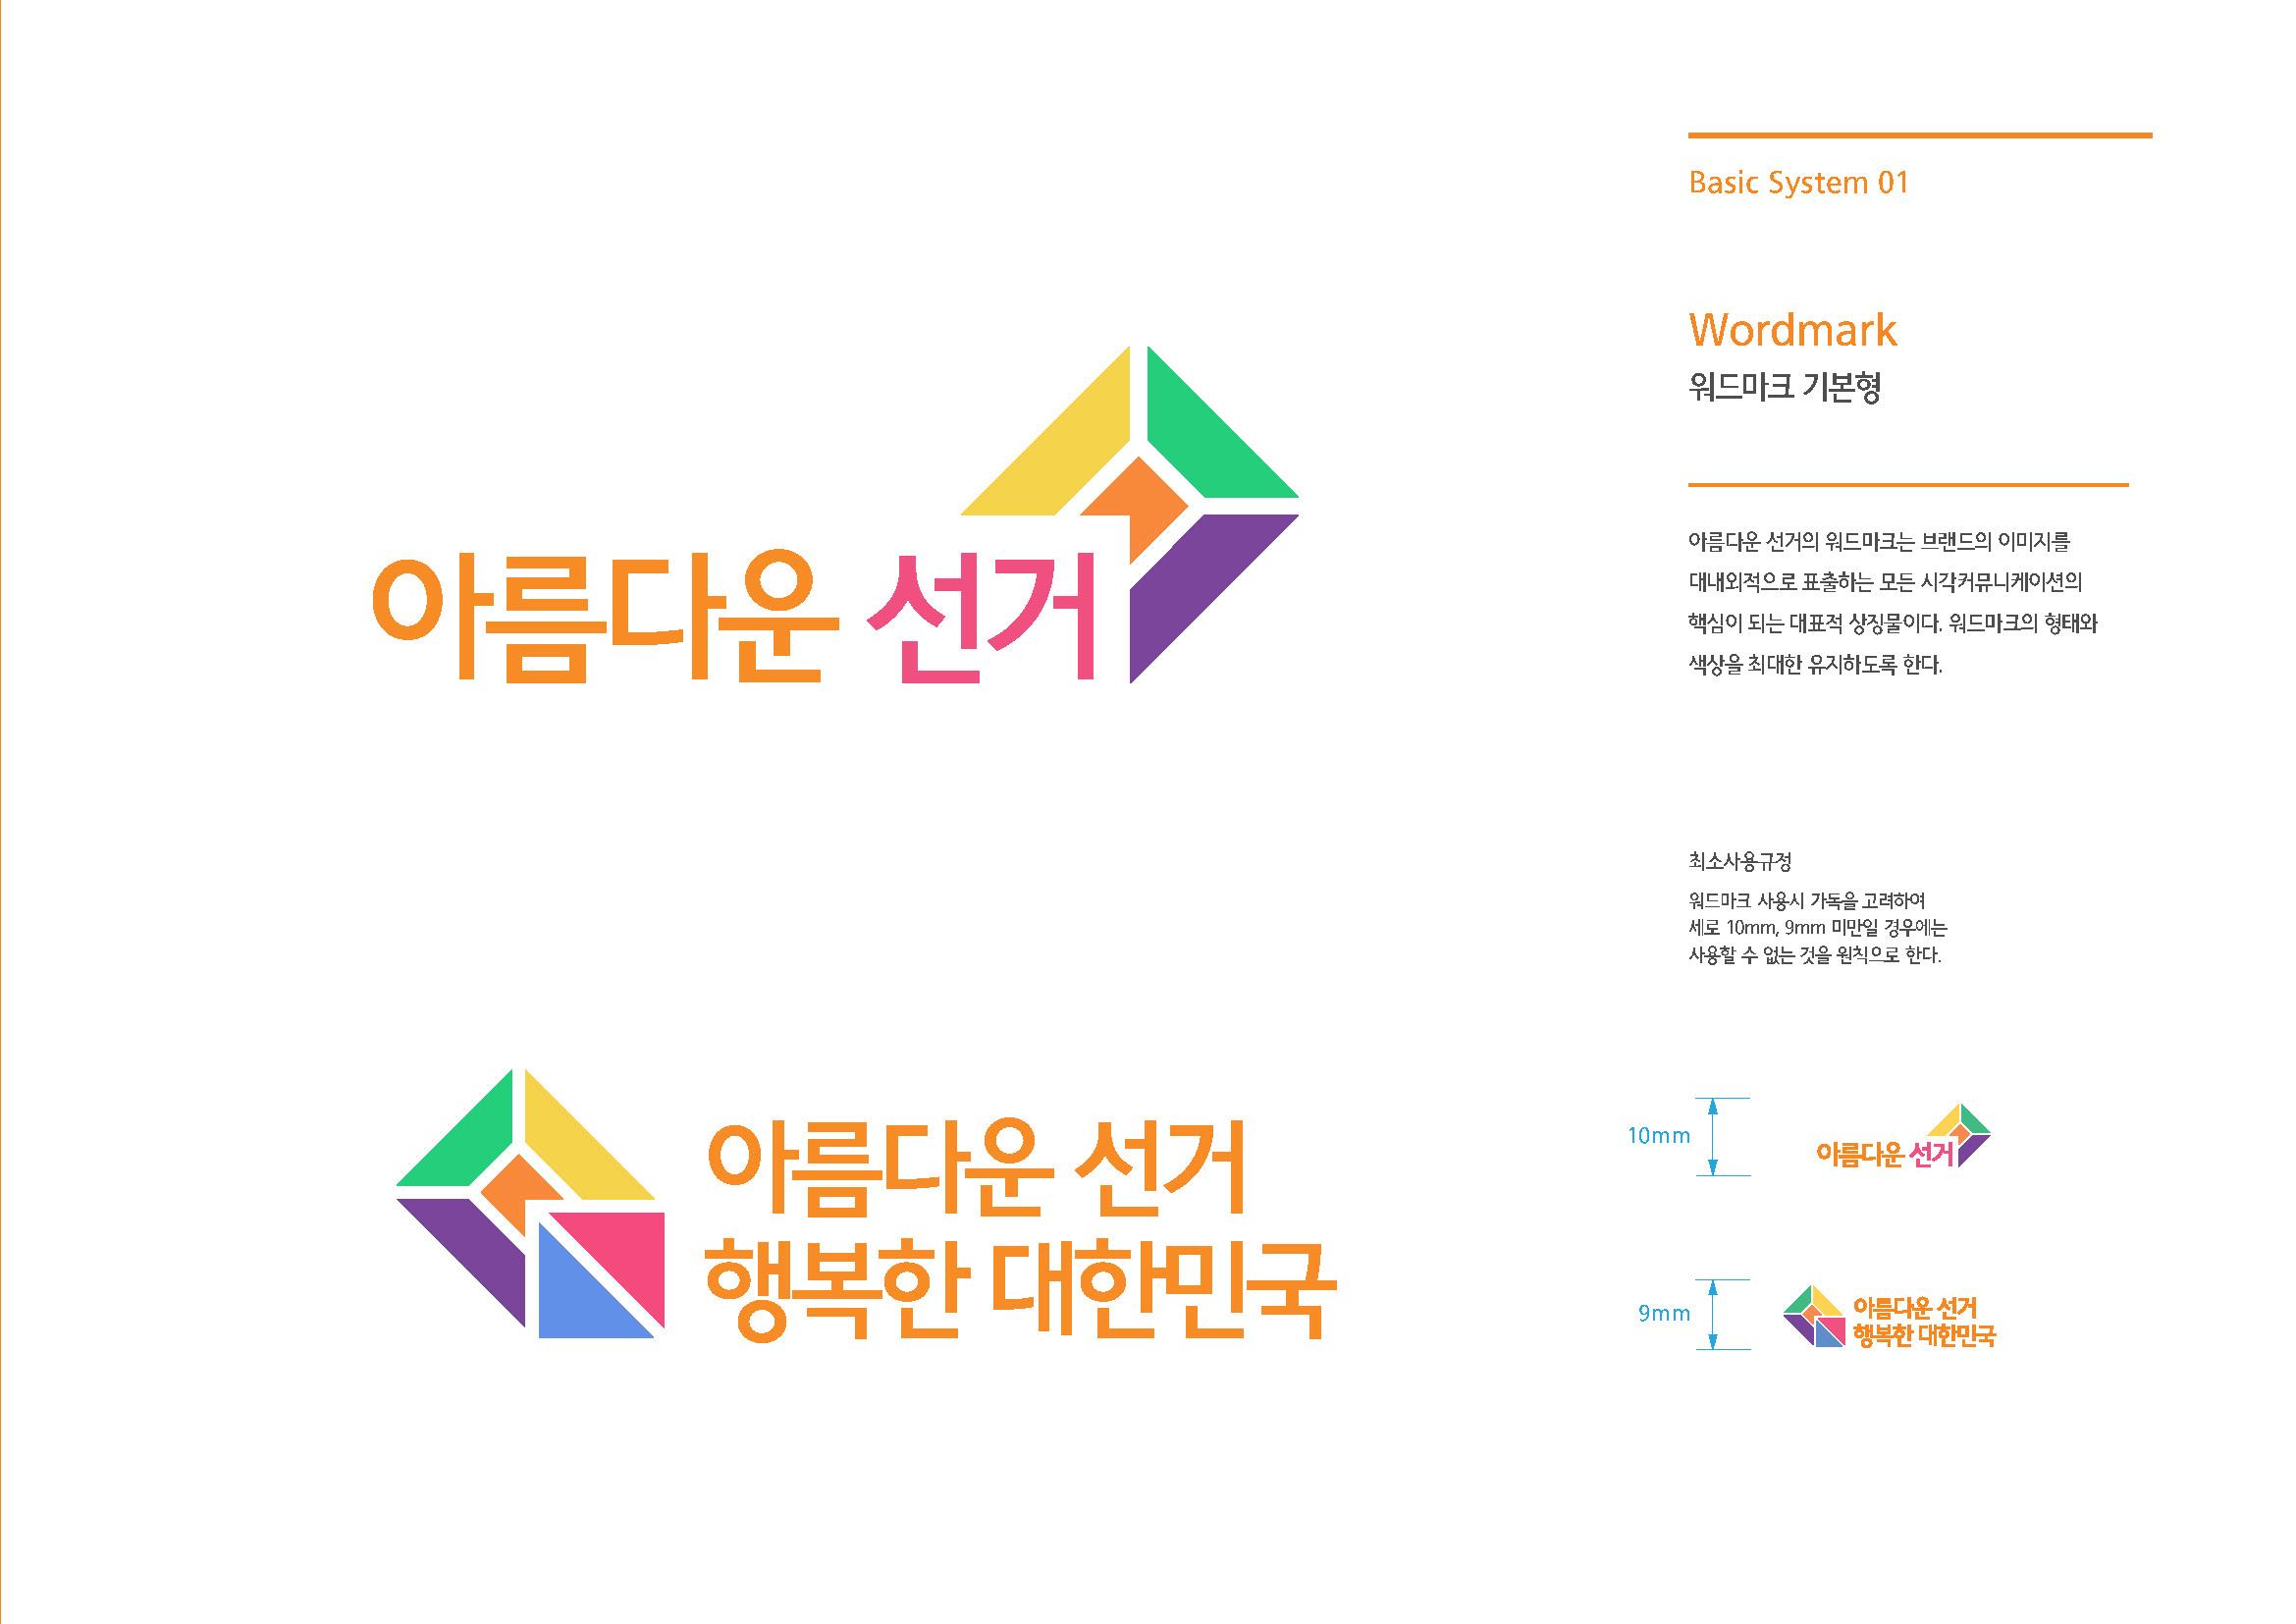 아름다운선거 BI 디자인 가이드라인_v1.3_20170309_페이지_05